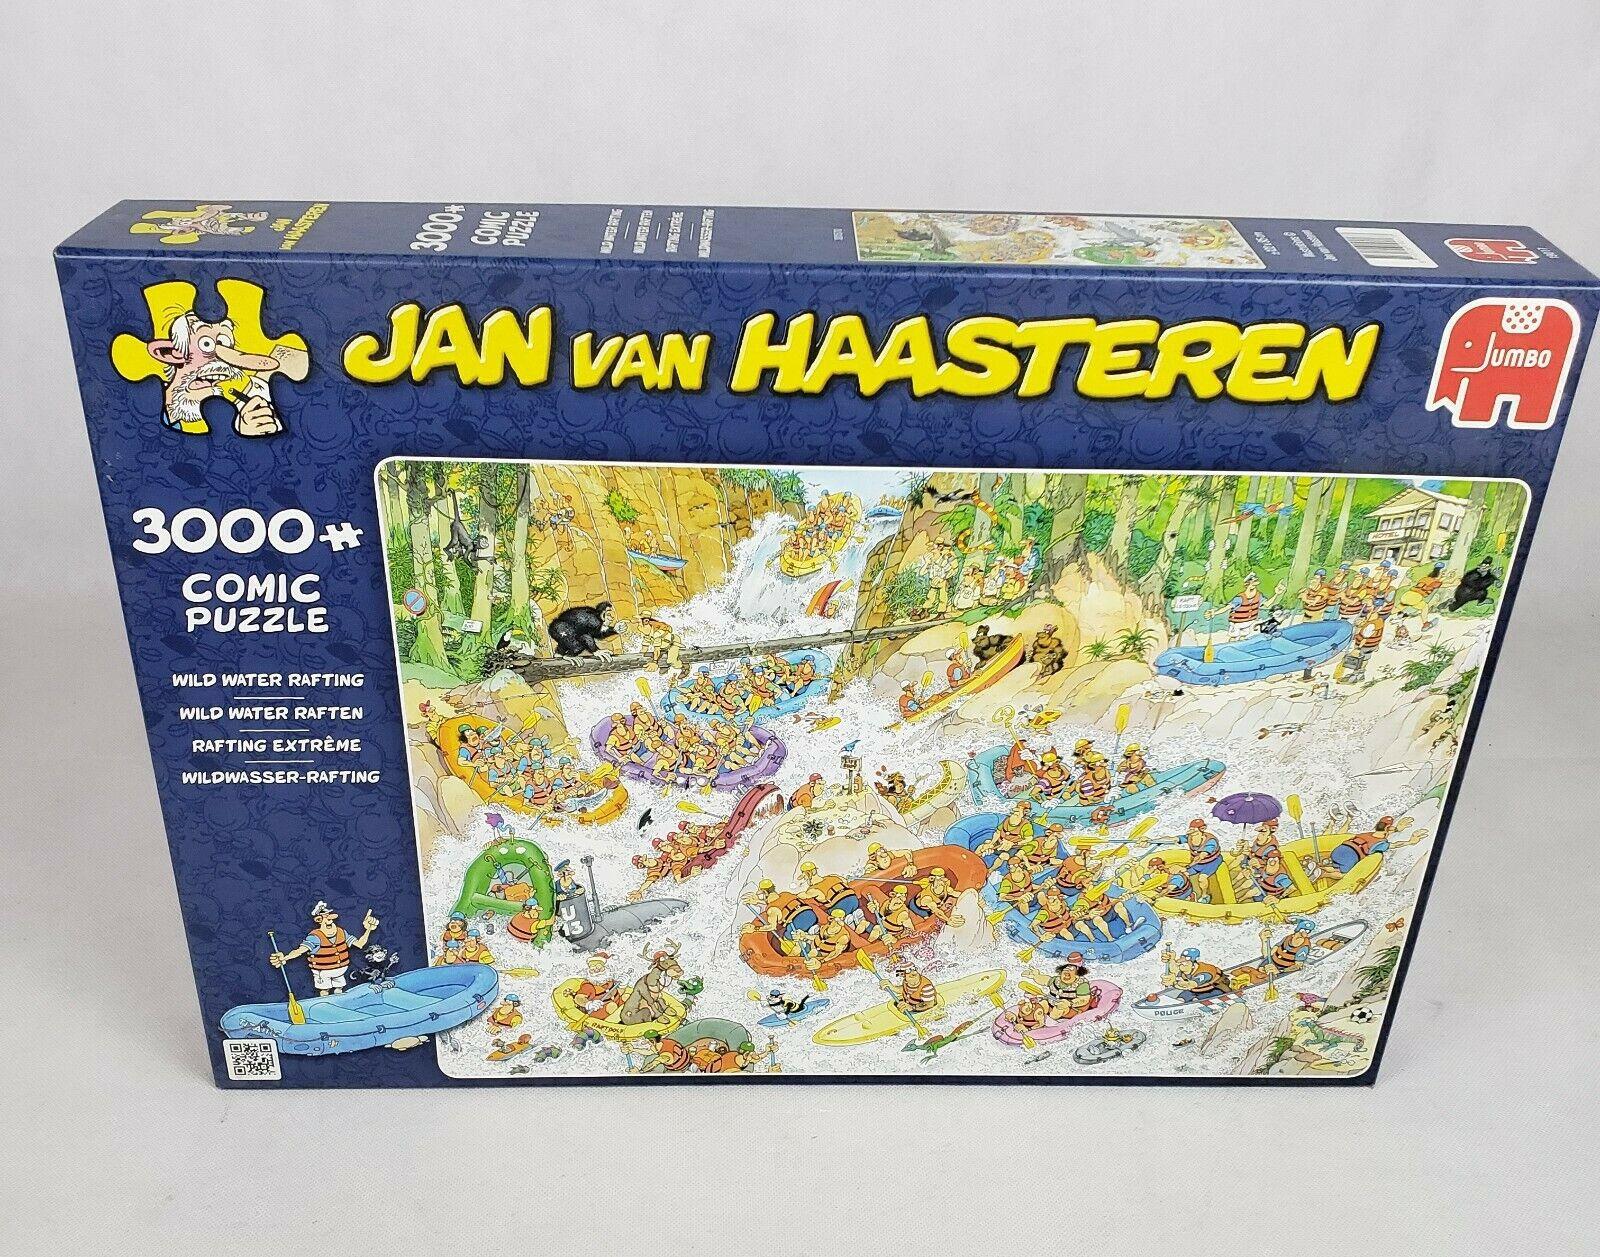 Jumbo 19017 Jan van Haasteren Wildwasser-Rafting 3000 Teile Puzzle Comic